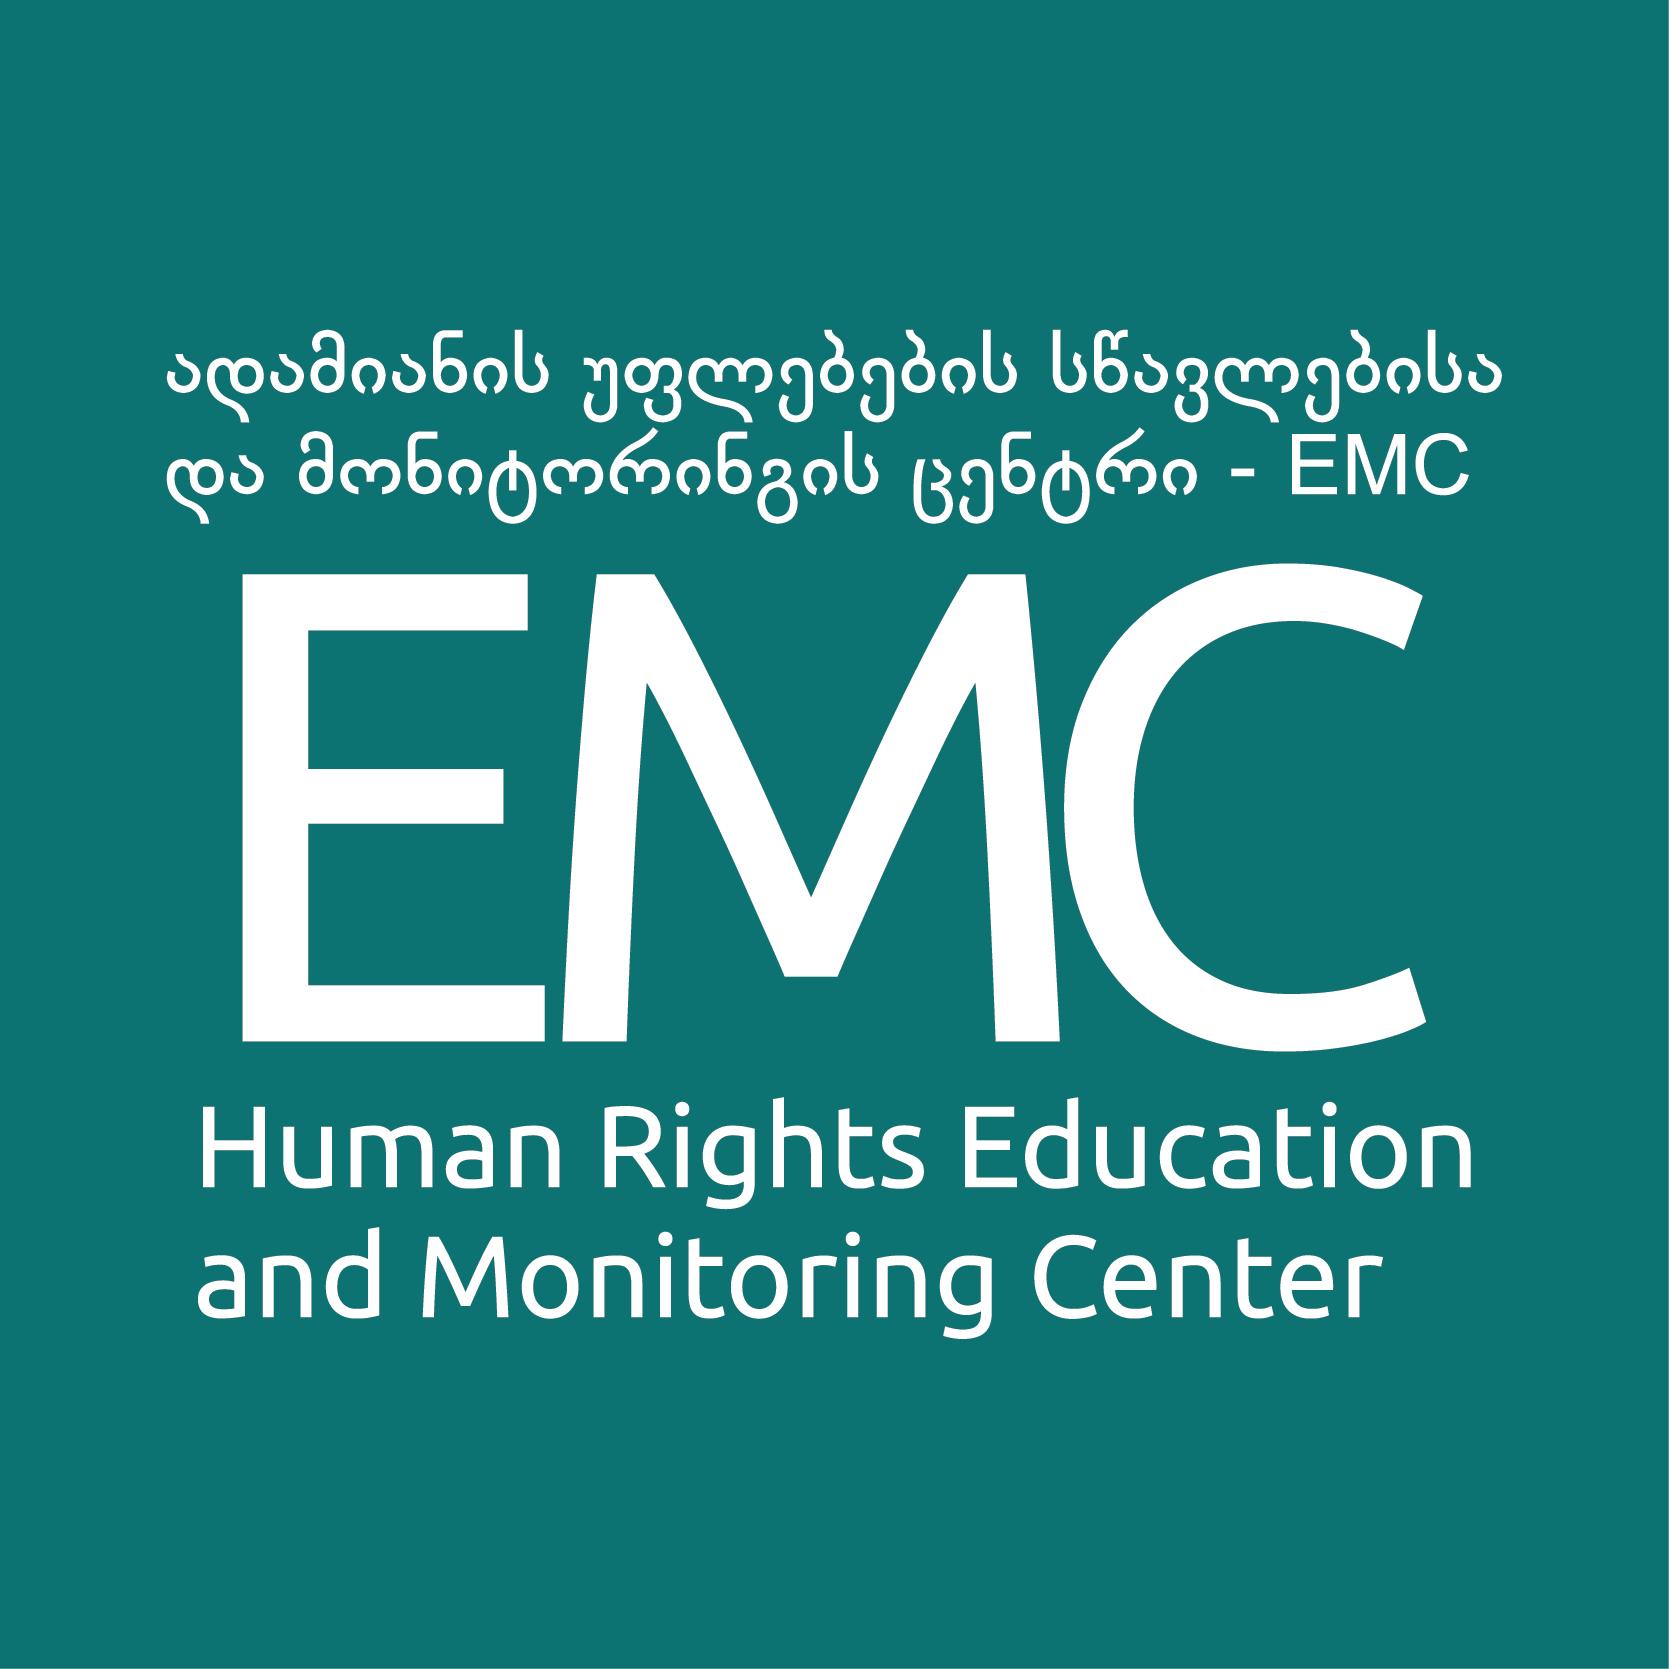 EMC: 15 000 ლარი უკანონოდ გათავისუფლებული სოციალური მუშაკის სასარგებლოდ